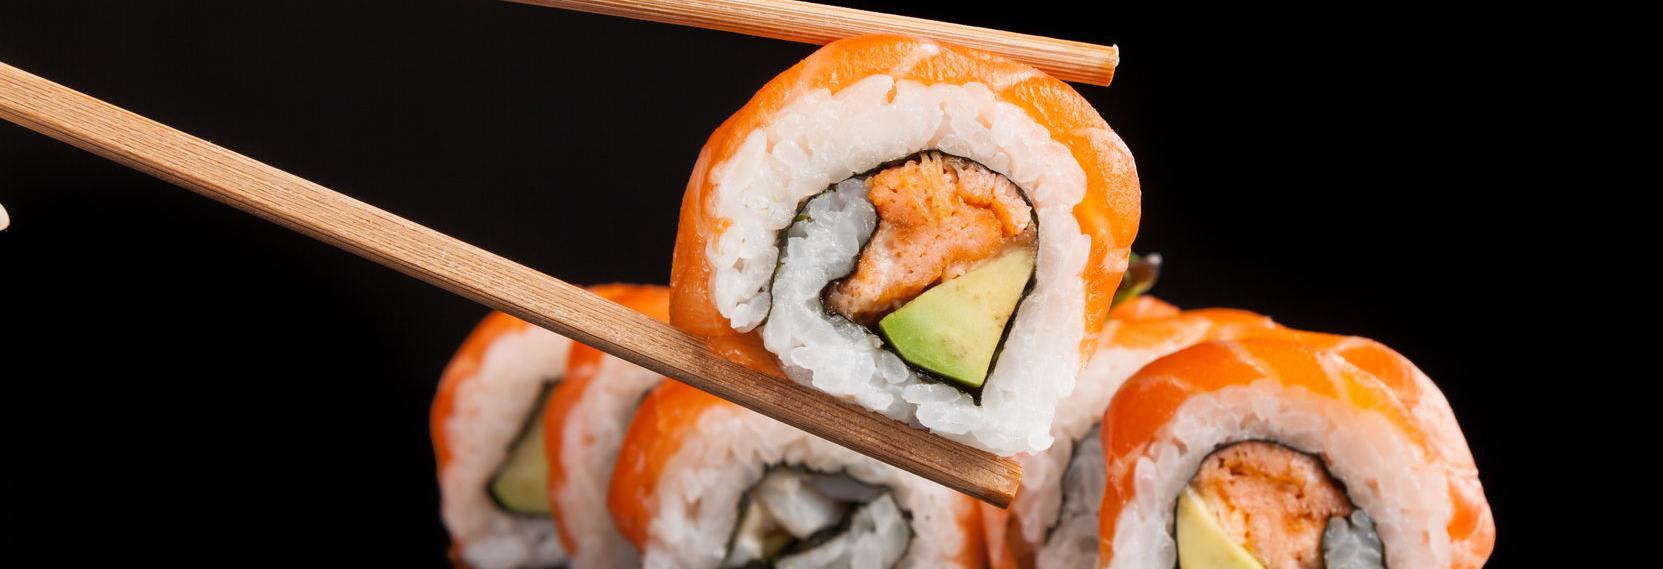 hibachi, sushi, asian, fish, chicken, dinner